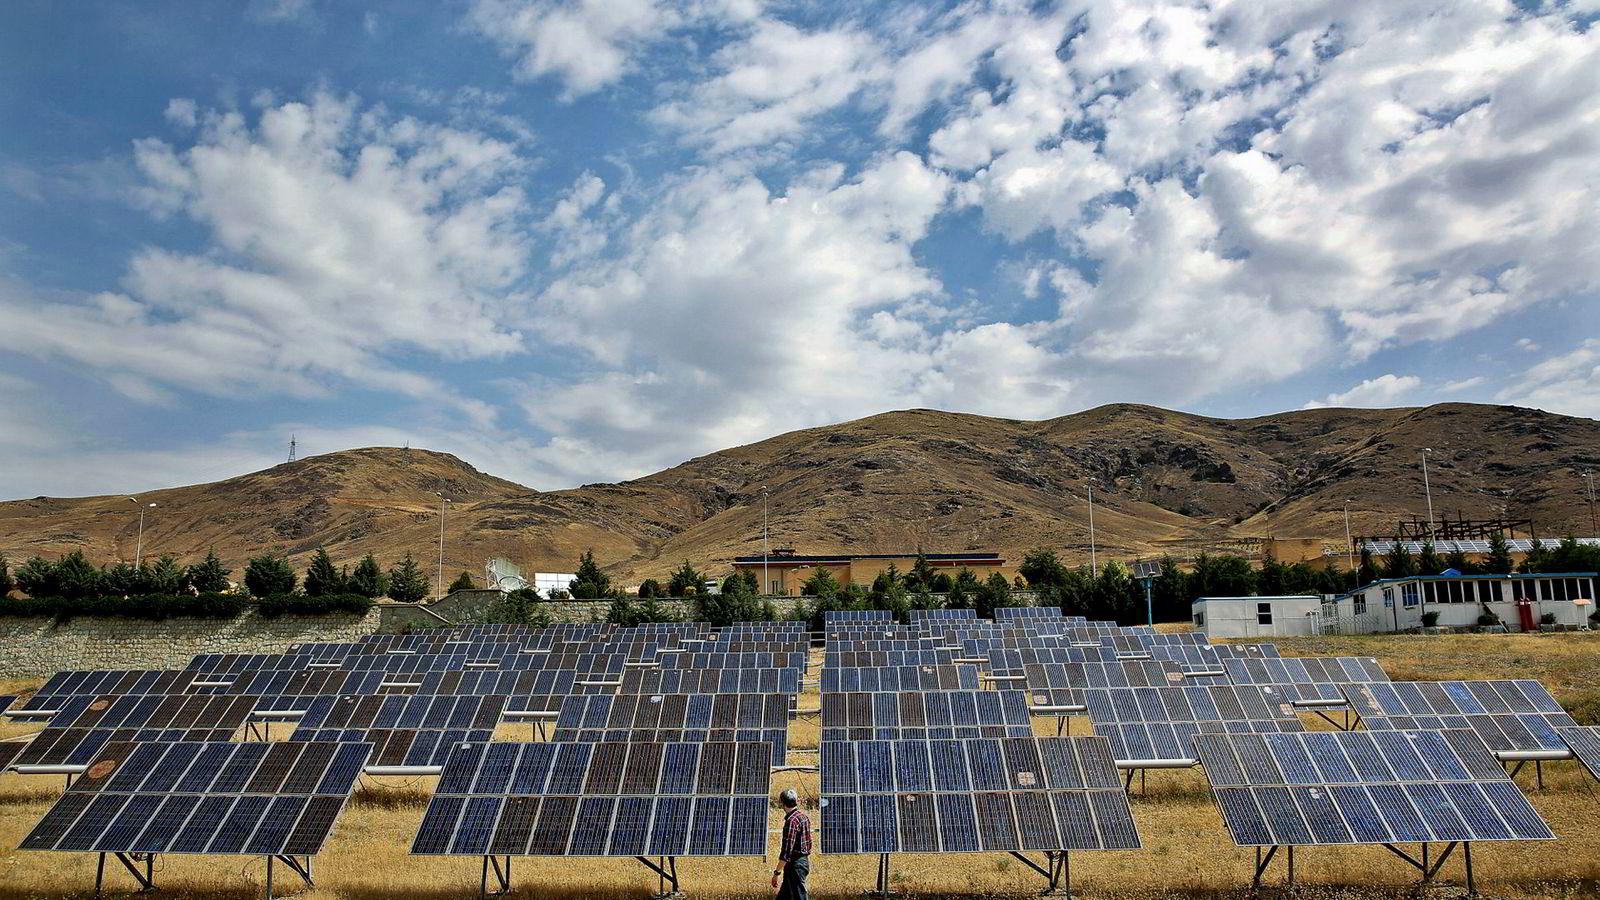 Norske Saga Energy har fått en milliardkontrakt innen solenergi i Iran. Bildet er fra Taleghan Renewable Energy Site i Taleghan, 160 kilometer nordvest for hovedstaden Teheran.